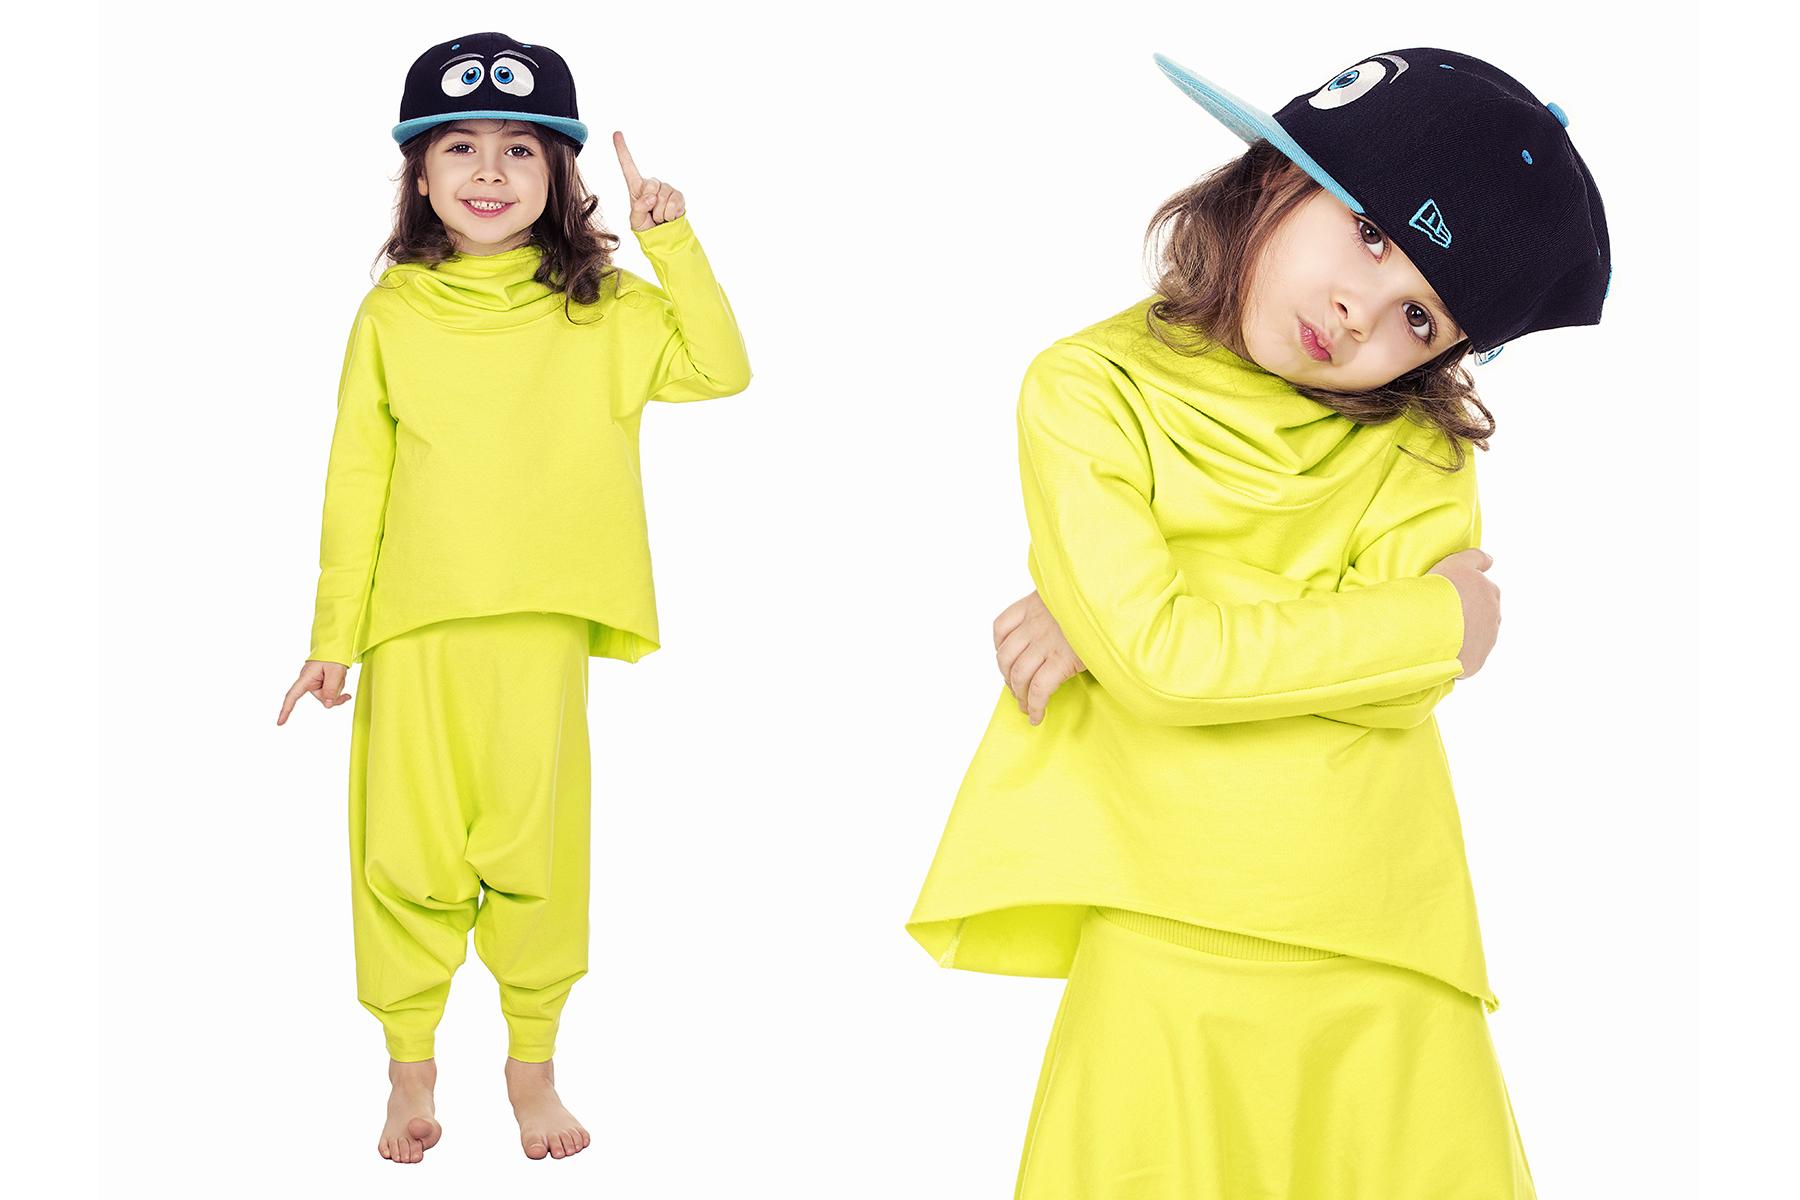 Fashion by Kids_008